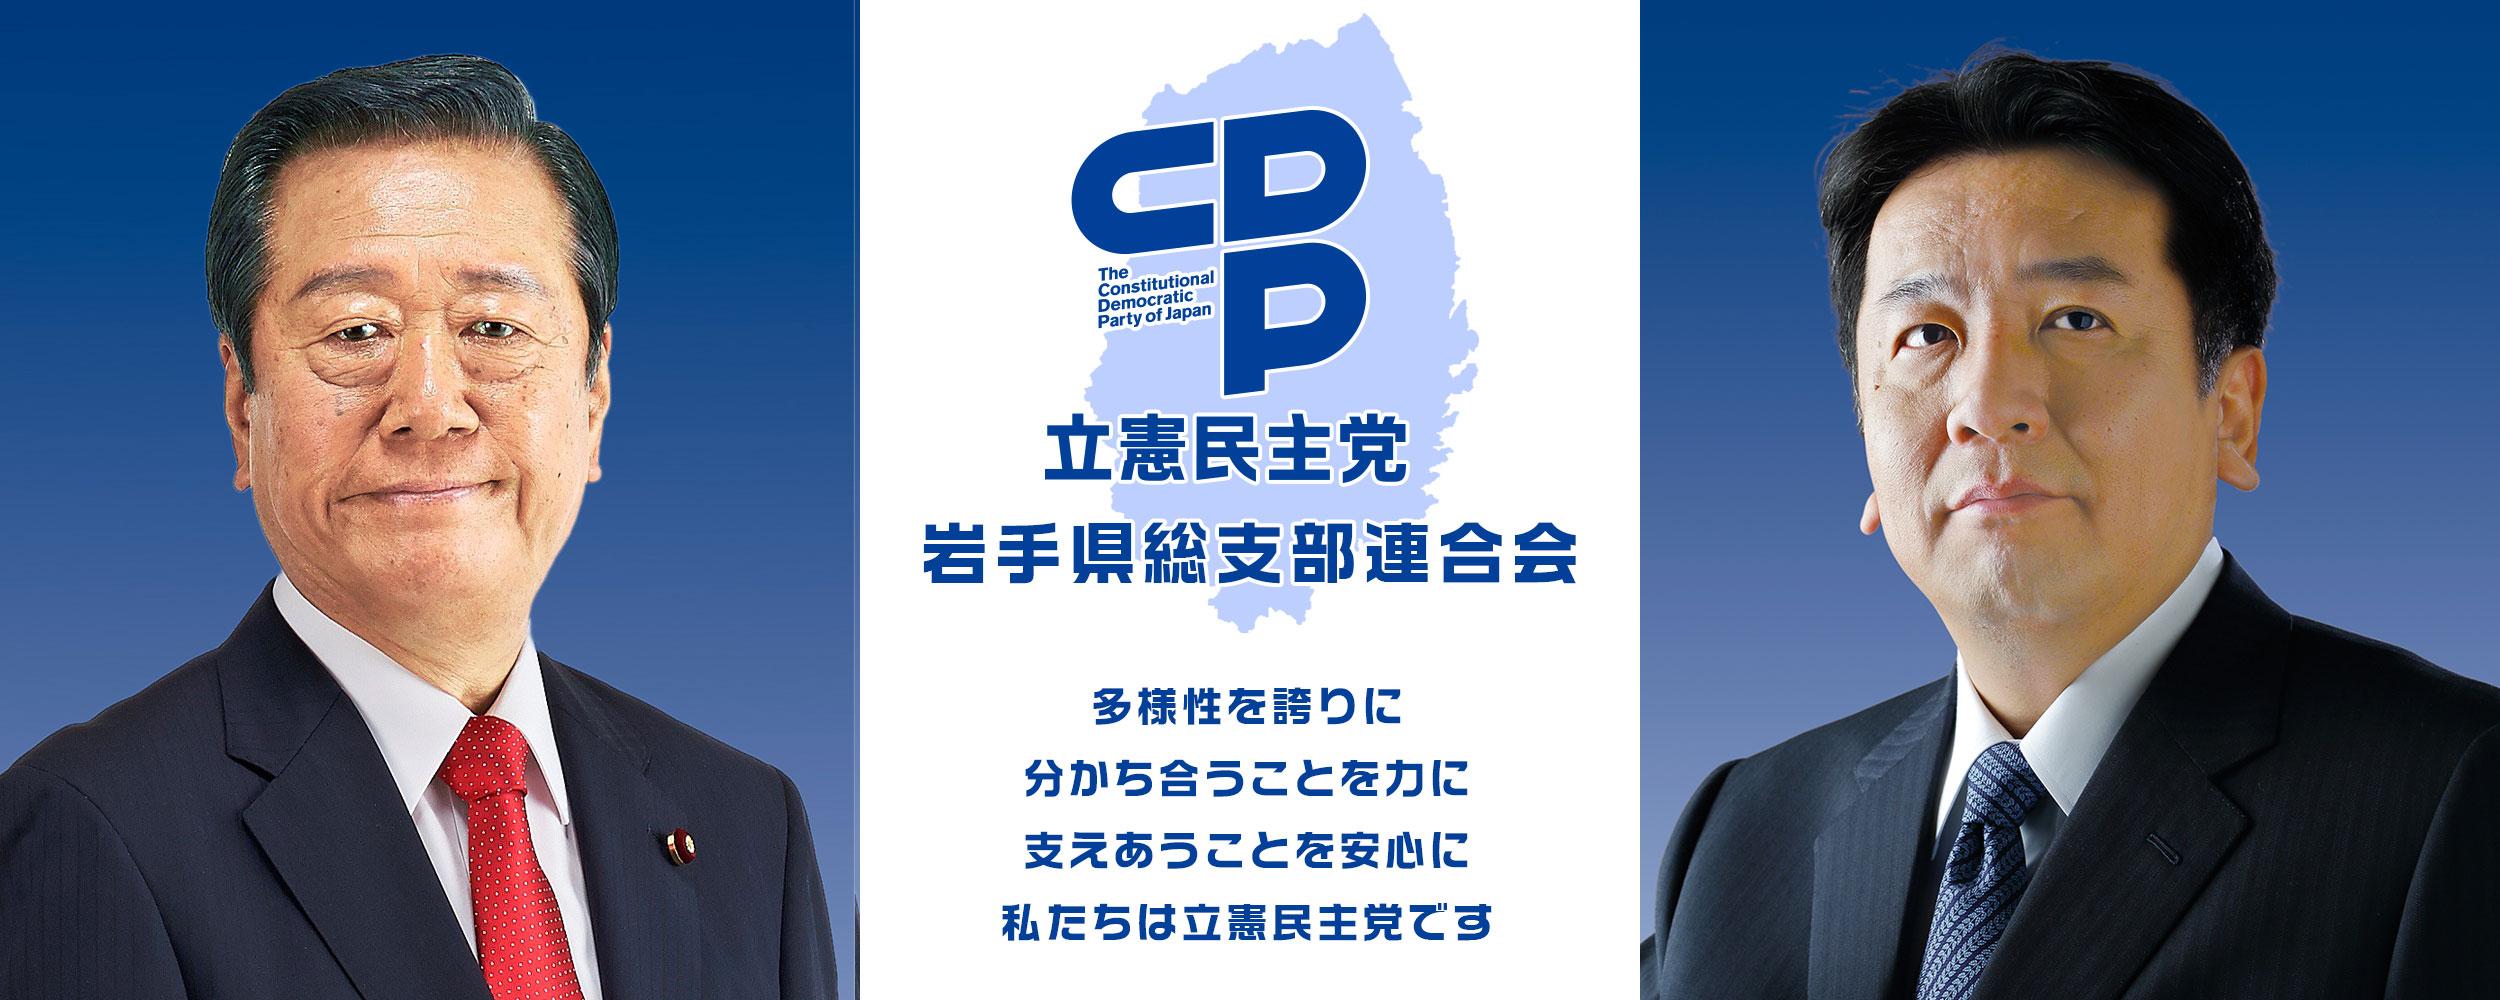 立憲民主党岩手県総支部連合会